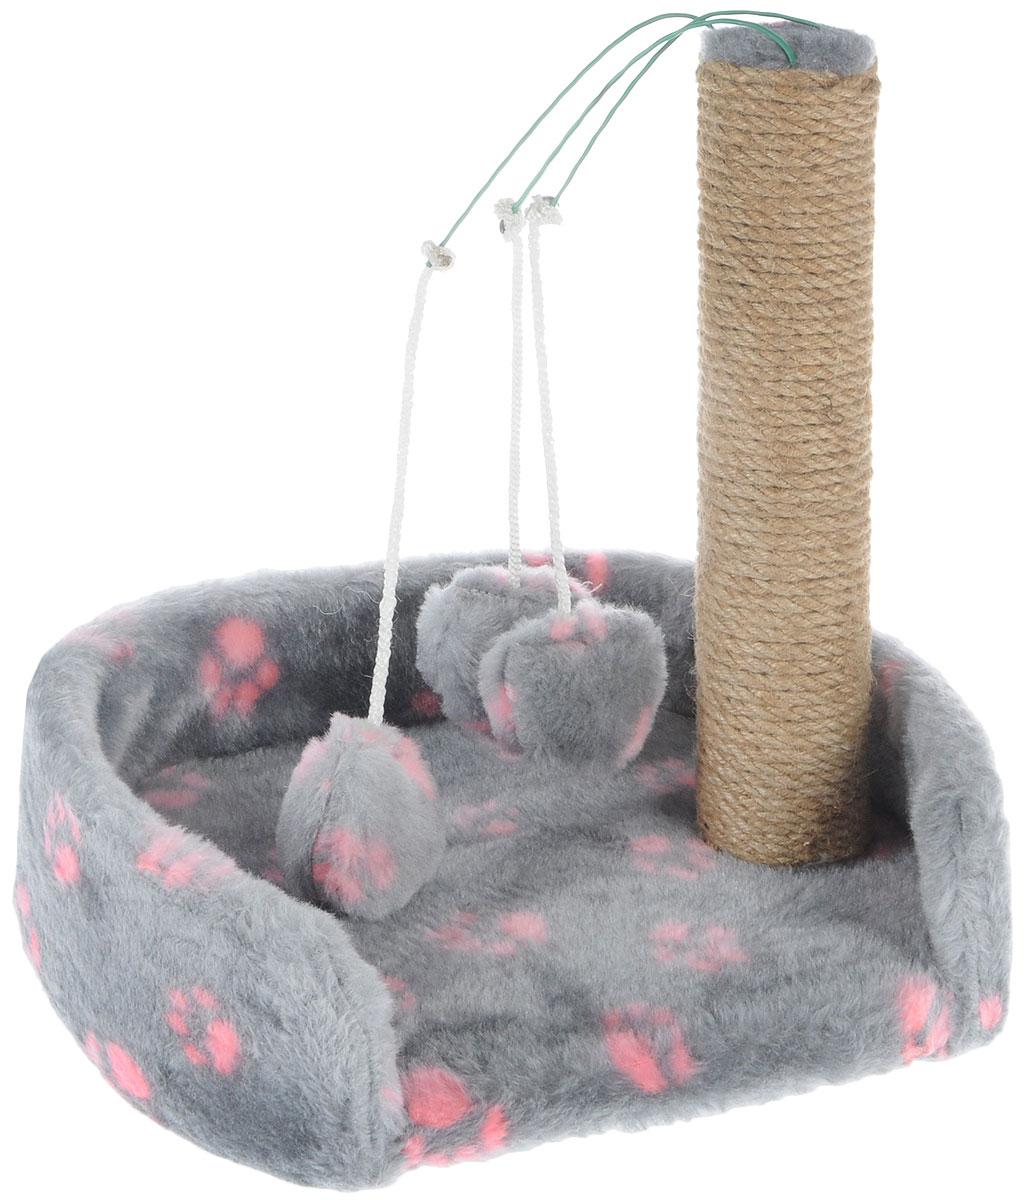 Когтеточка для котят Меридиан, с лежанкой, цвет: серый, розовый, бежевый, 34 х 26 х 34 см0120710Когтеточка Меридиан предназначена для стачивания когтей вашего котенка и предотвращения их врастания. Она выполнена из ДВП и ДСП и обтянута искусственным мехом. Точатся когти о столбик из джута. Когтеточка оснащена подвесными игрушками, привлекающими внимание котенка. Внизу имеется спальное место.Когтеточка позволяет сохранить неповрежденными мебель и другие предметы интерьера.